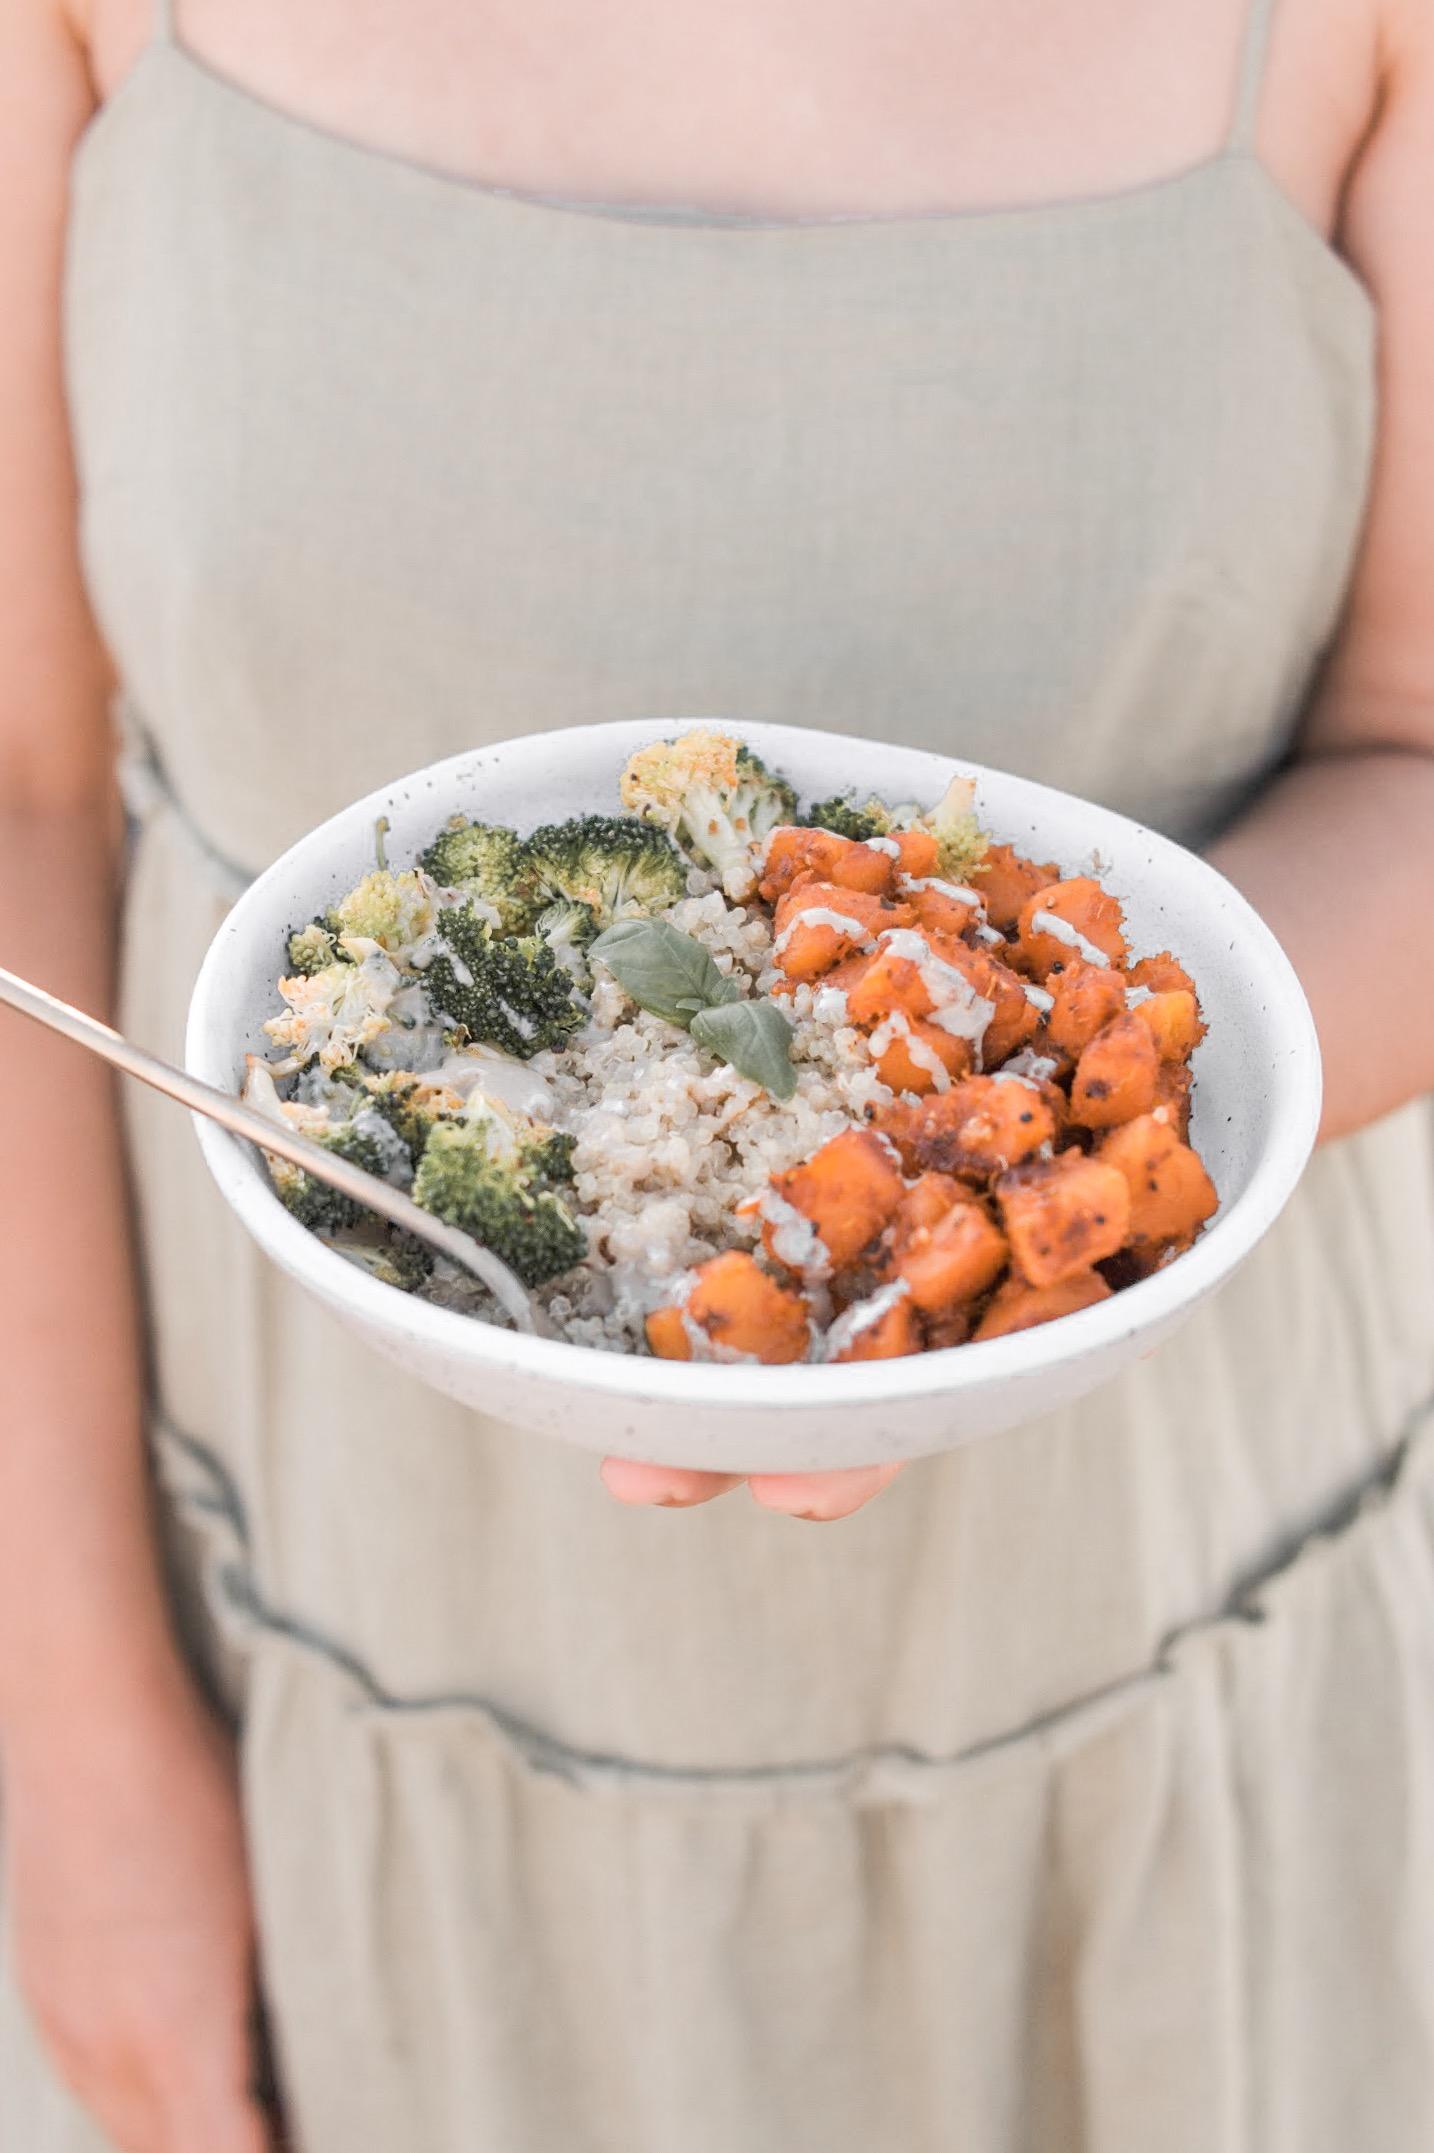 Recipe: Broccoli, Quinoa & Pumpkin Bowl